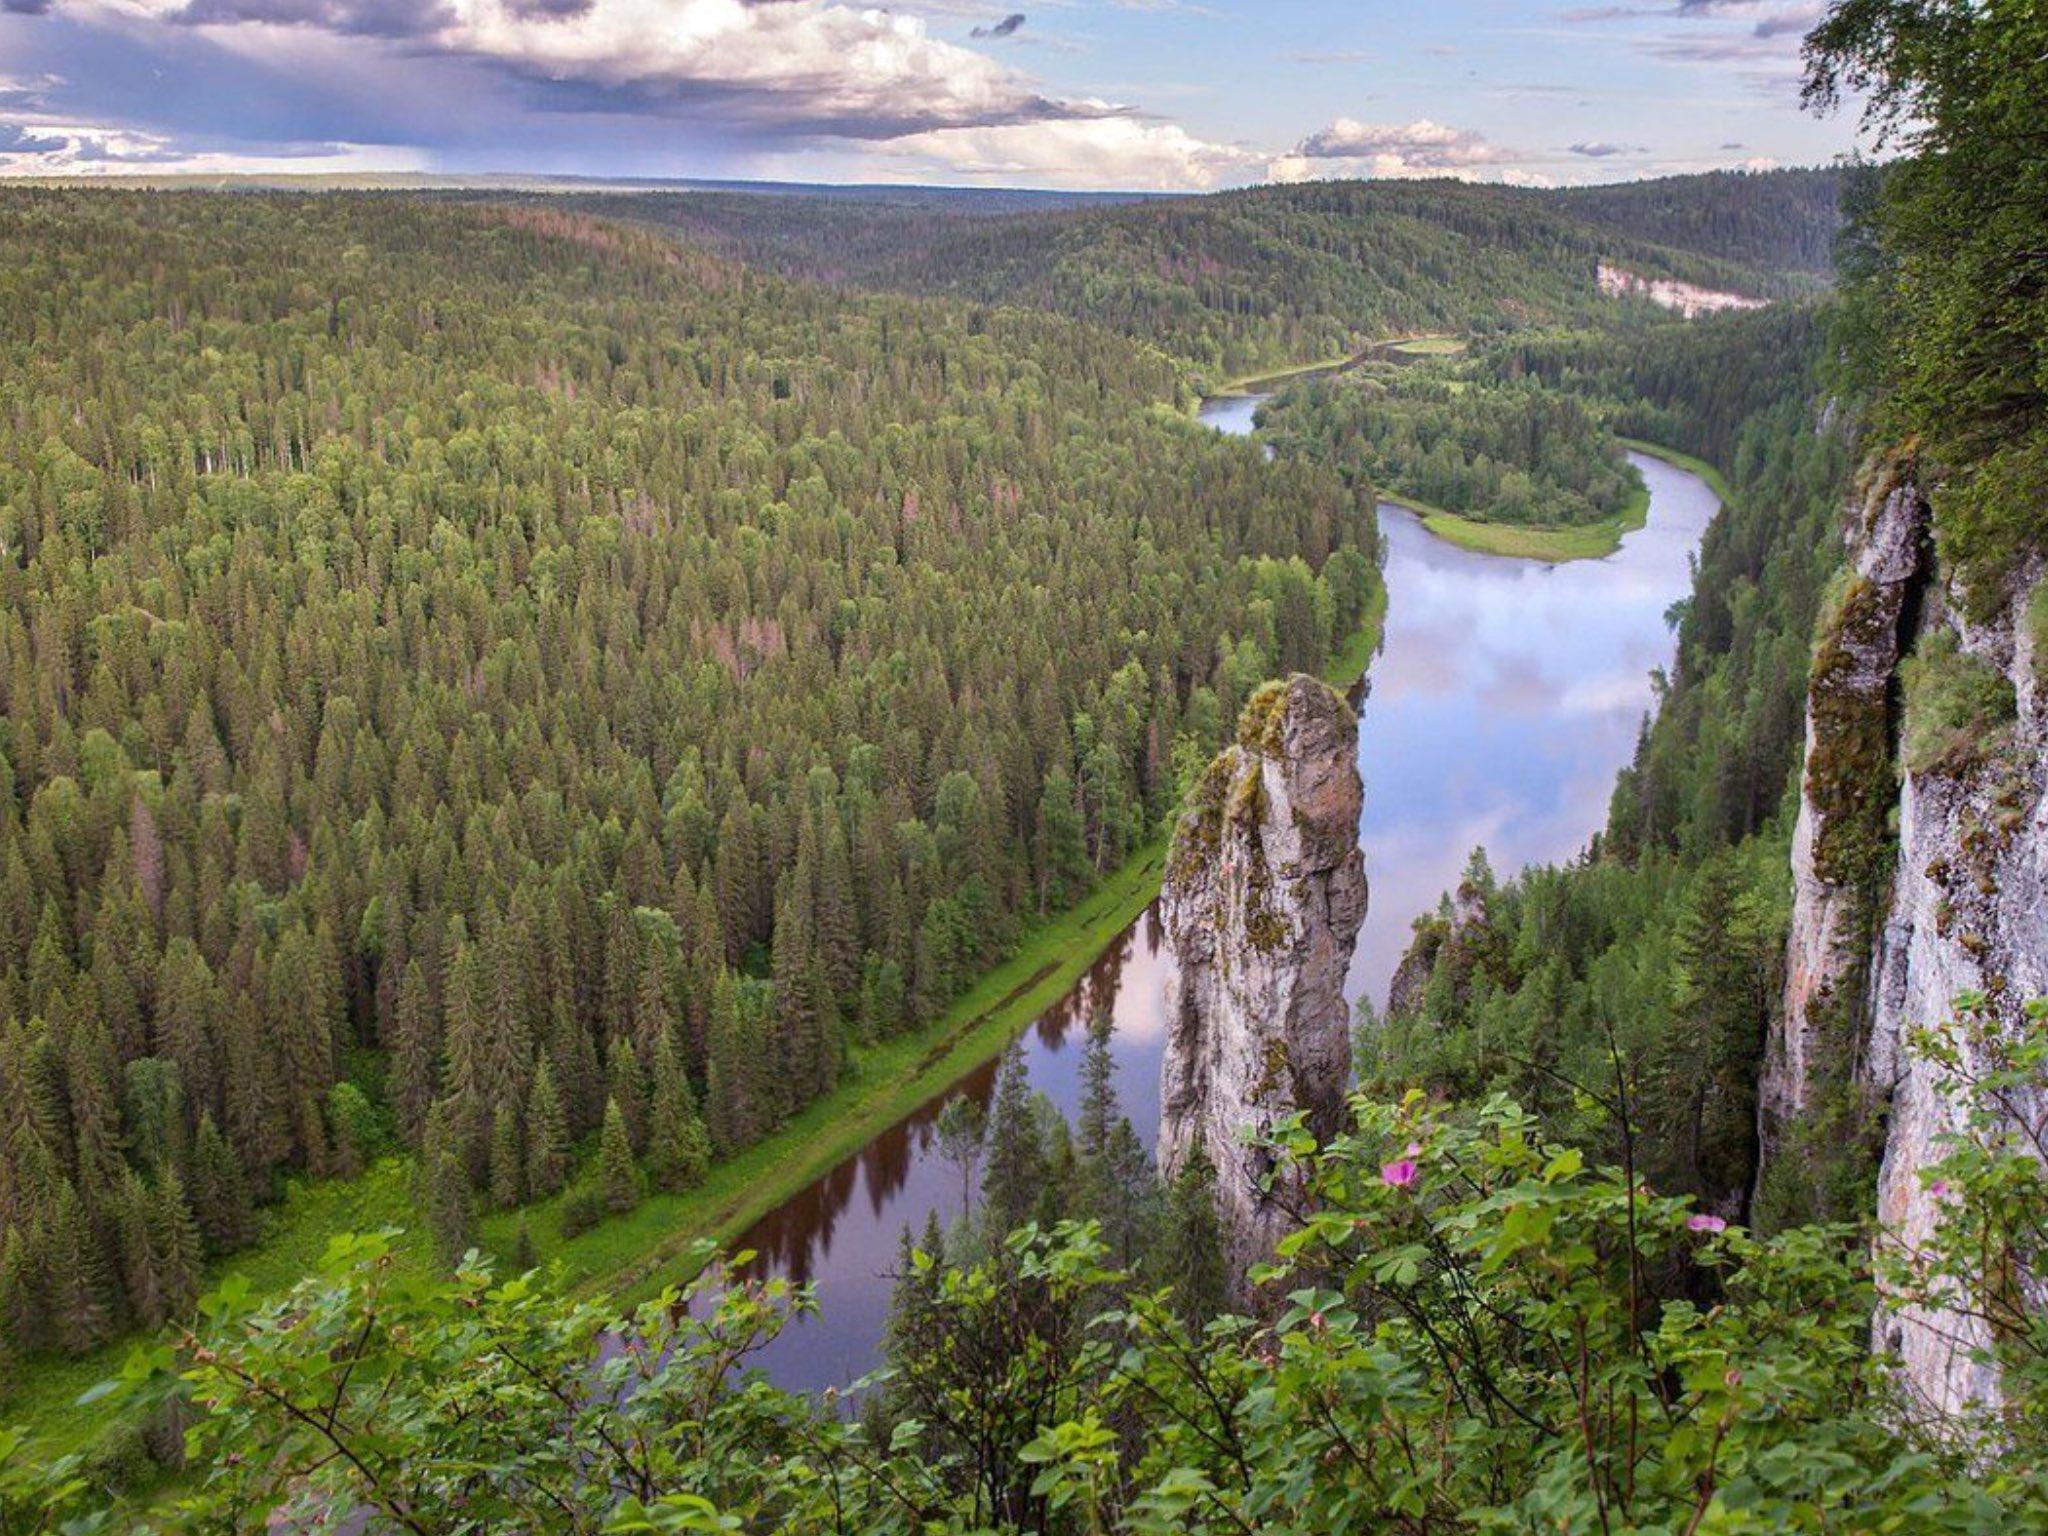 таким недугом самые красивые места в пермском крае фото это утверждение основывается